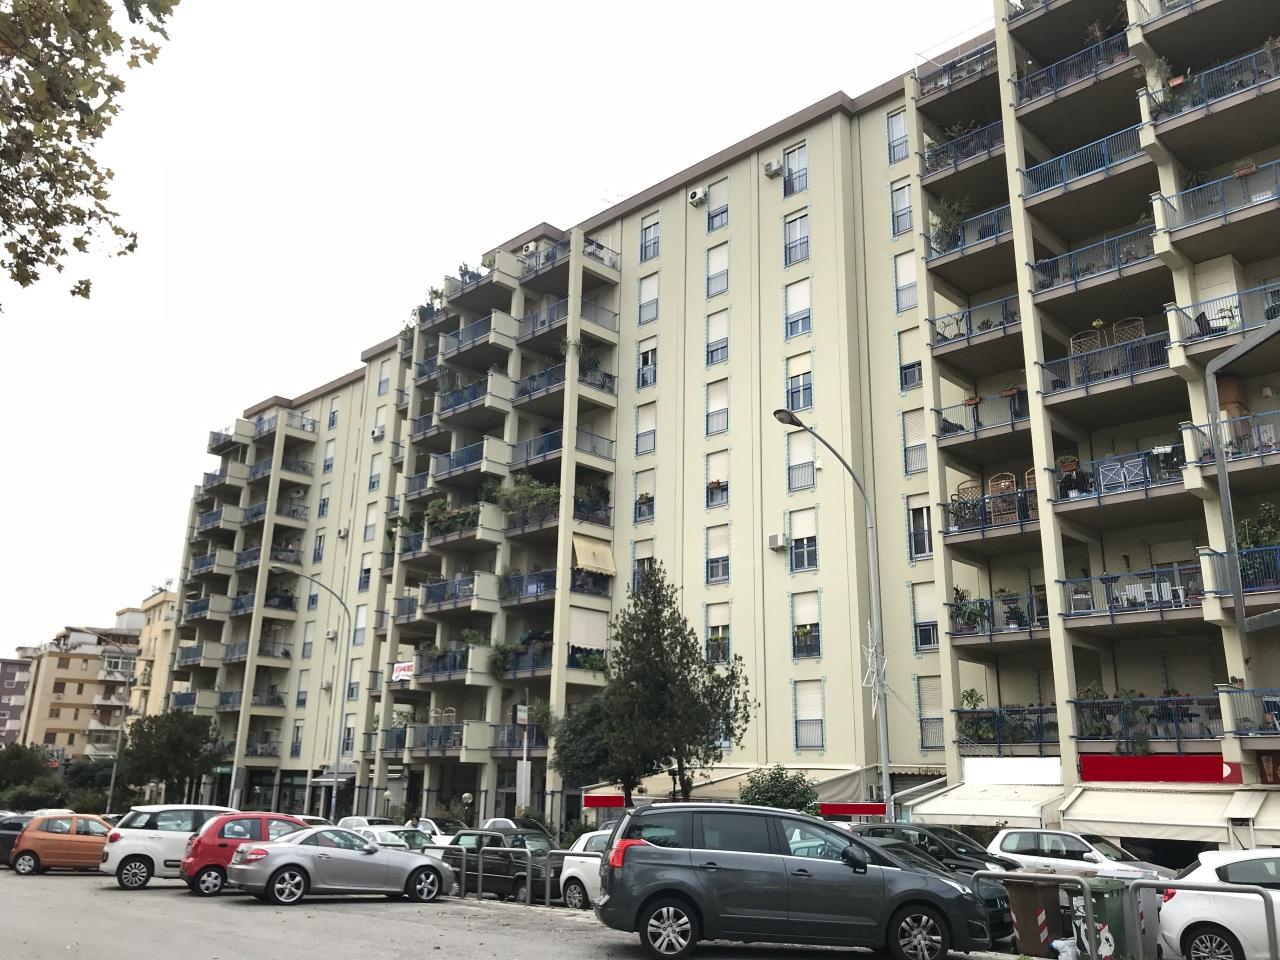 palermo vendita quart: viale strasburgo errebicasa-immobiliare-rossella-borzellieri-di-rosalia-borzellieri